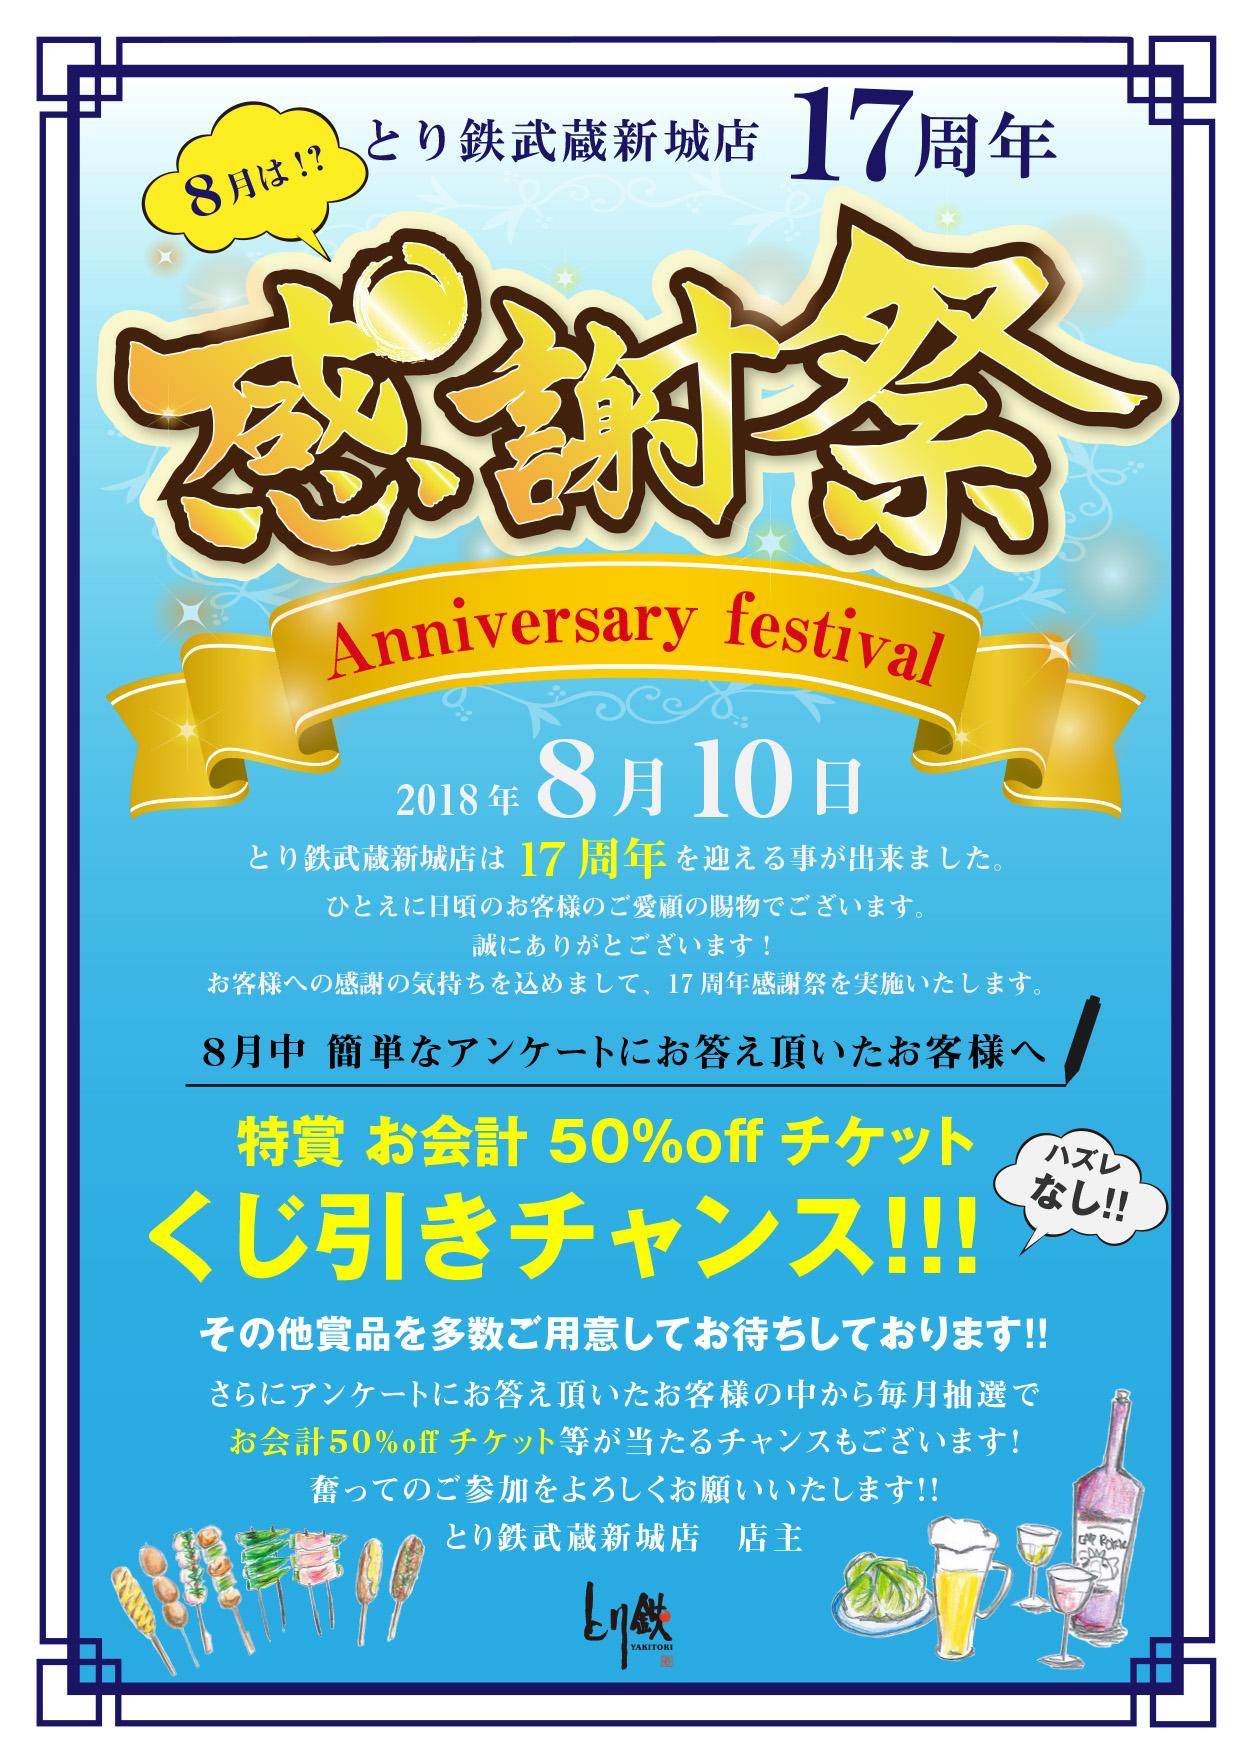 とり鉄 武蔵新城 17 周年祭